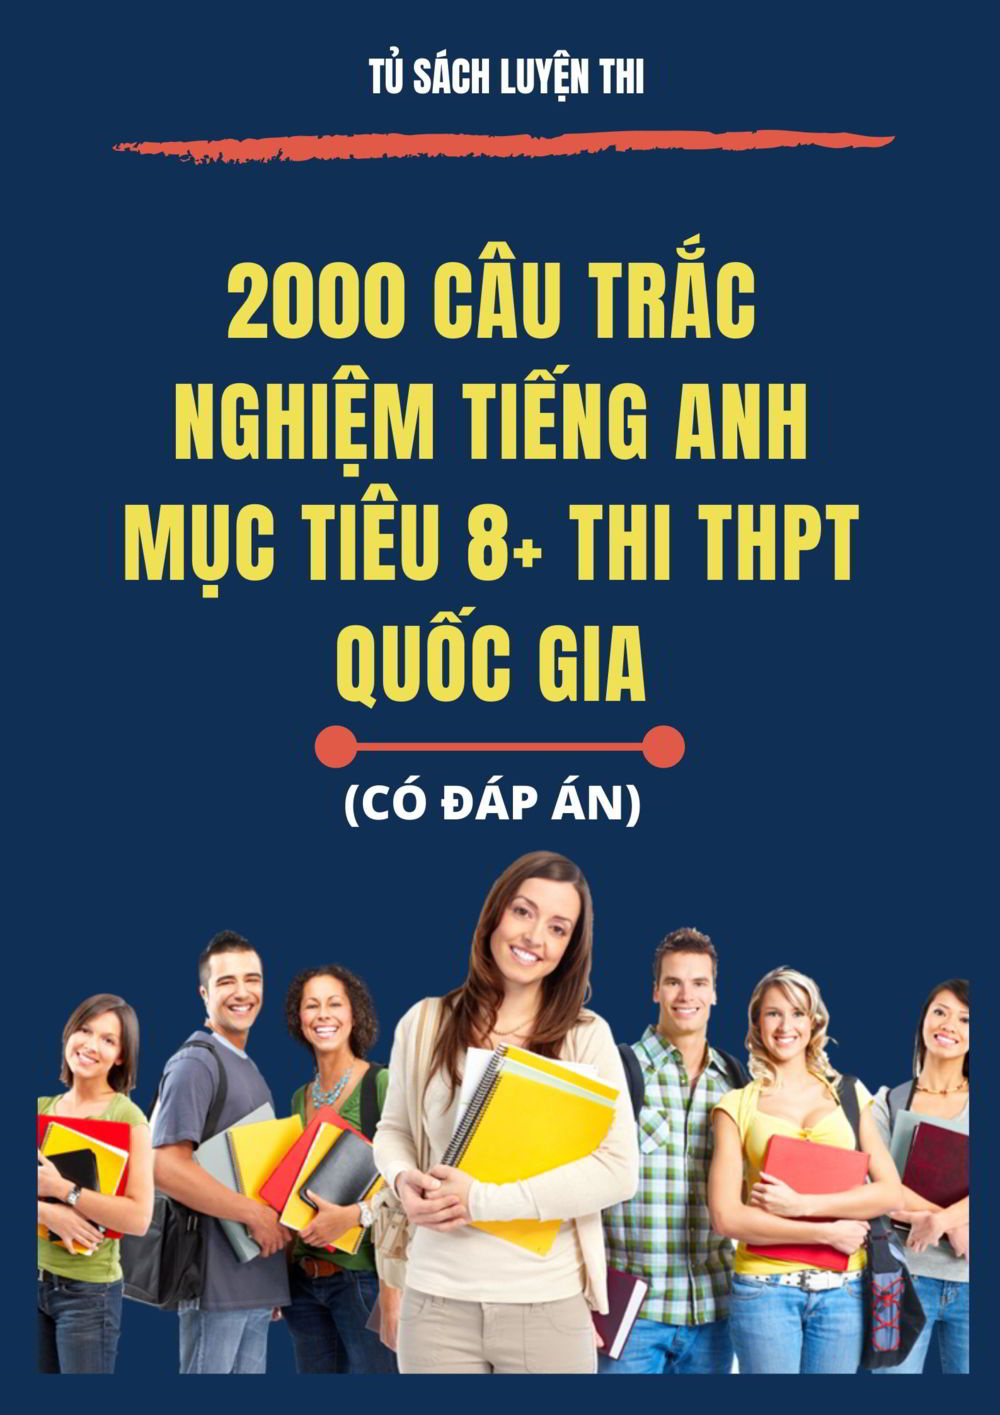 Tải sách: 2000 câu trắc nghiệm tiếng anh mục tiêu 8+ thi THPT Quốc Gia